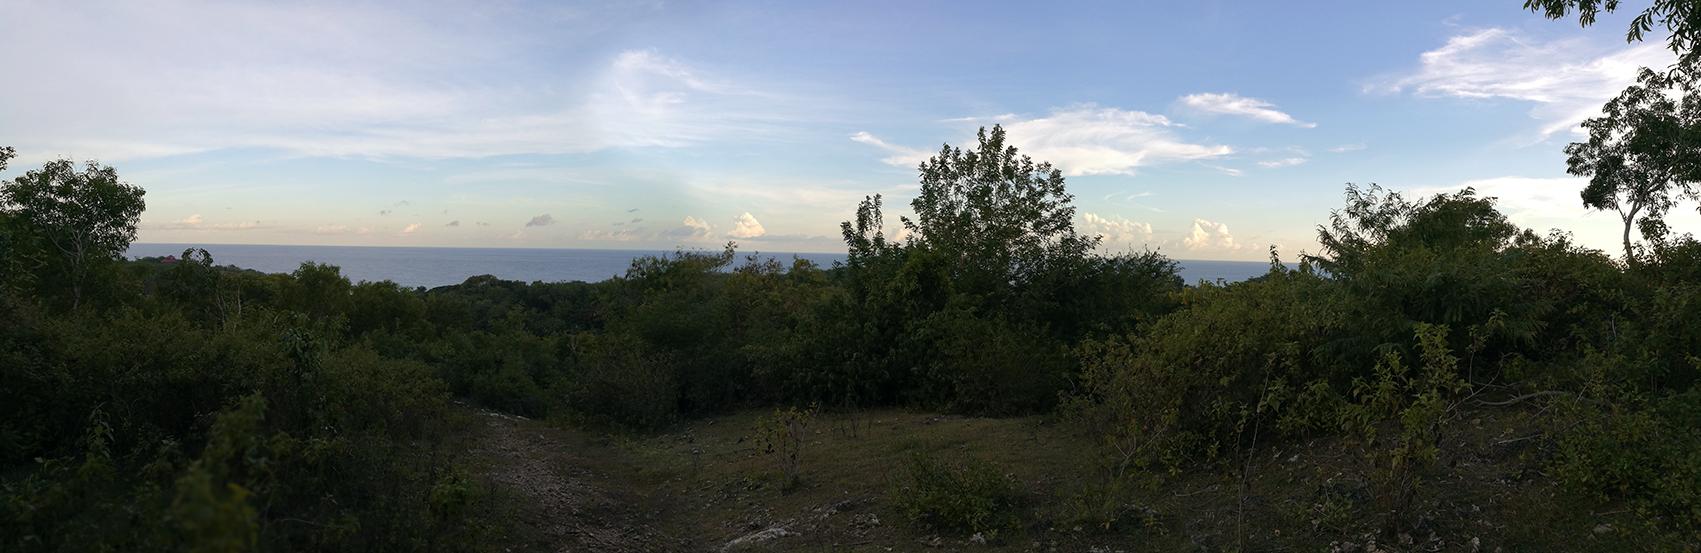 Panorama location